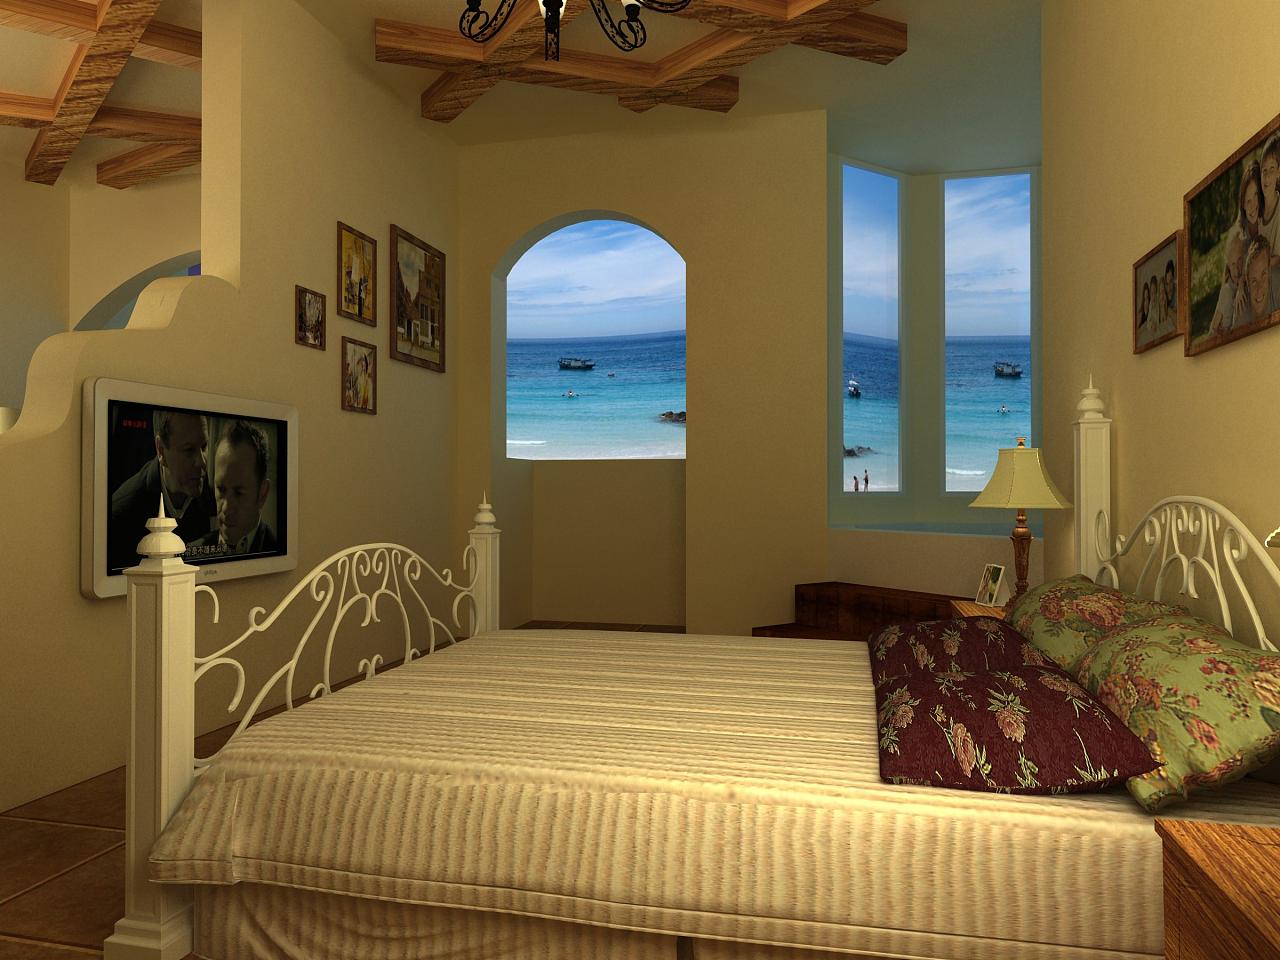 室内设计 空间设计 地中海